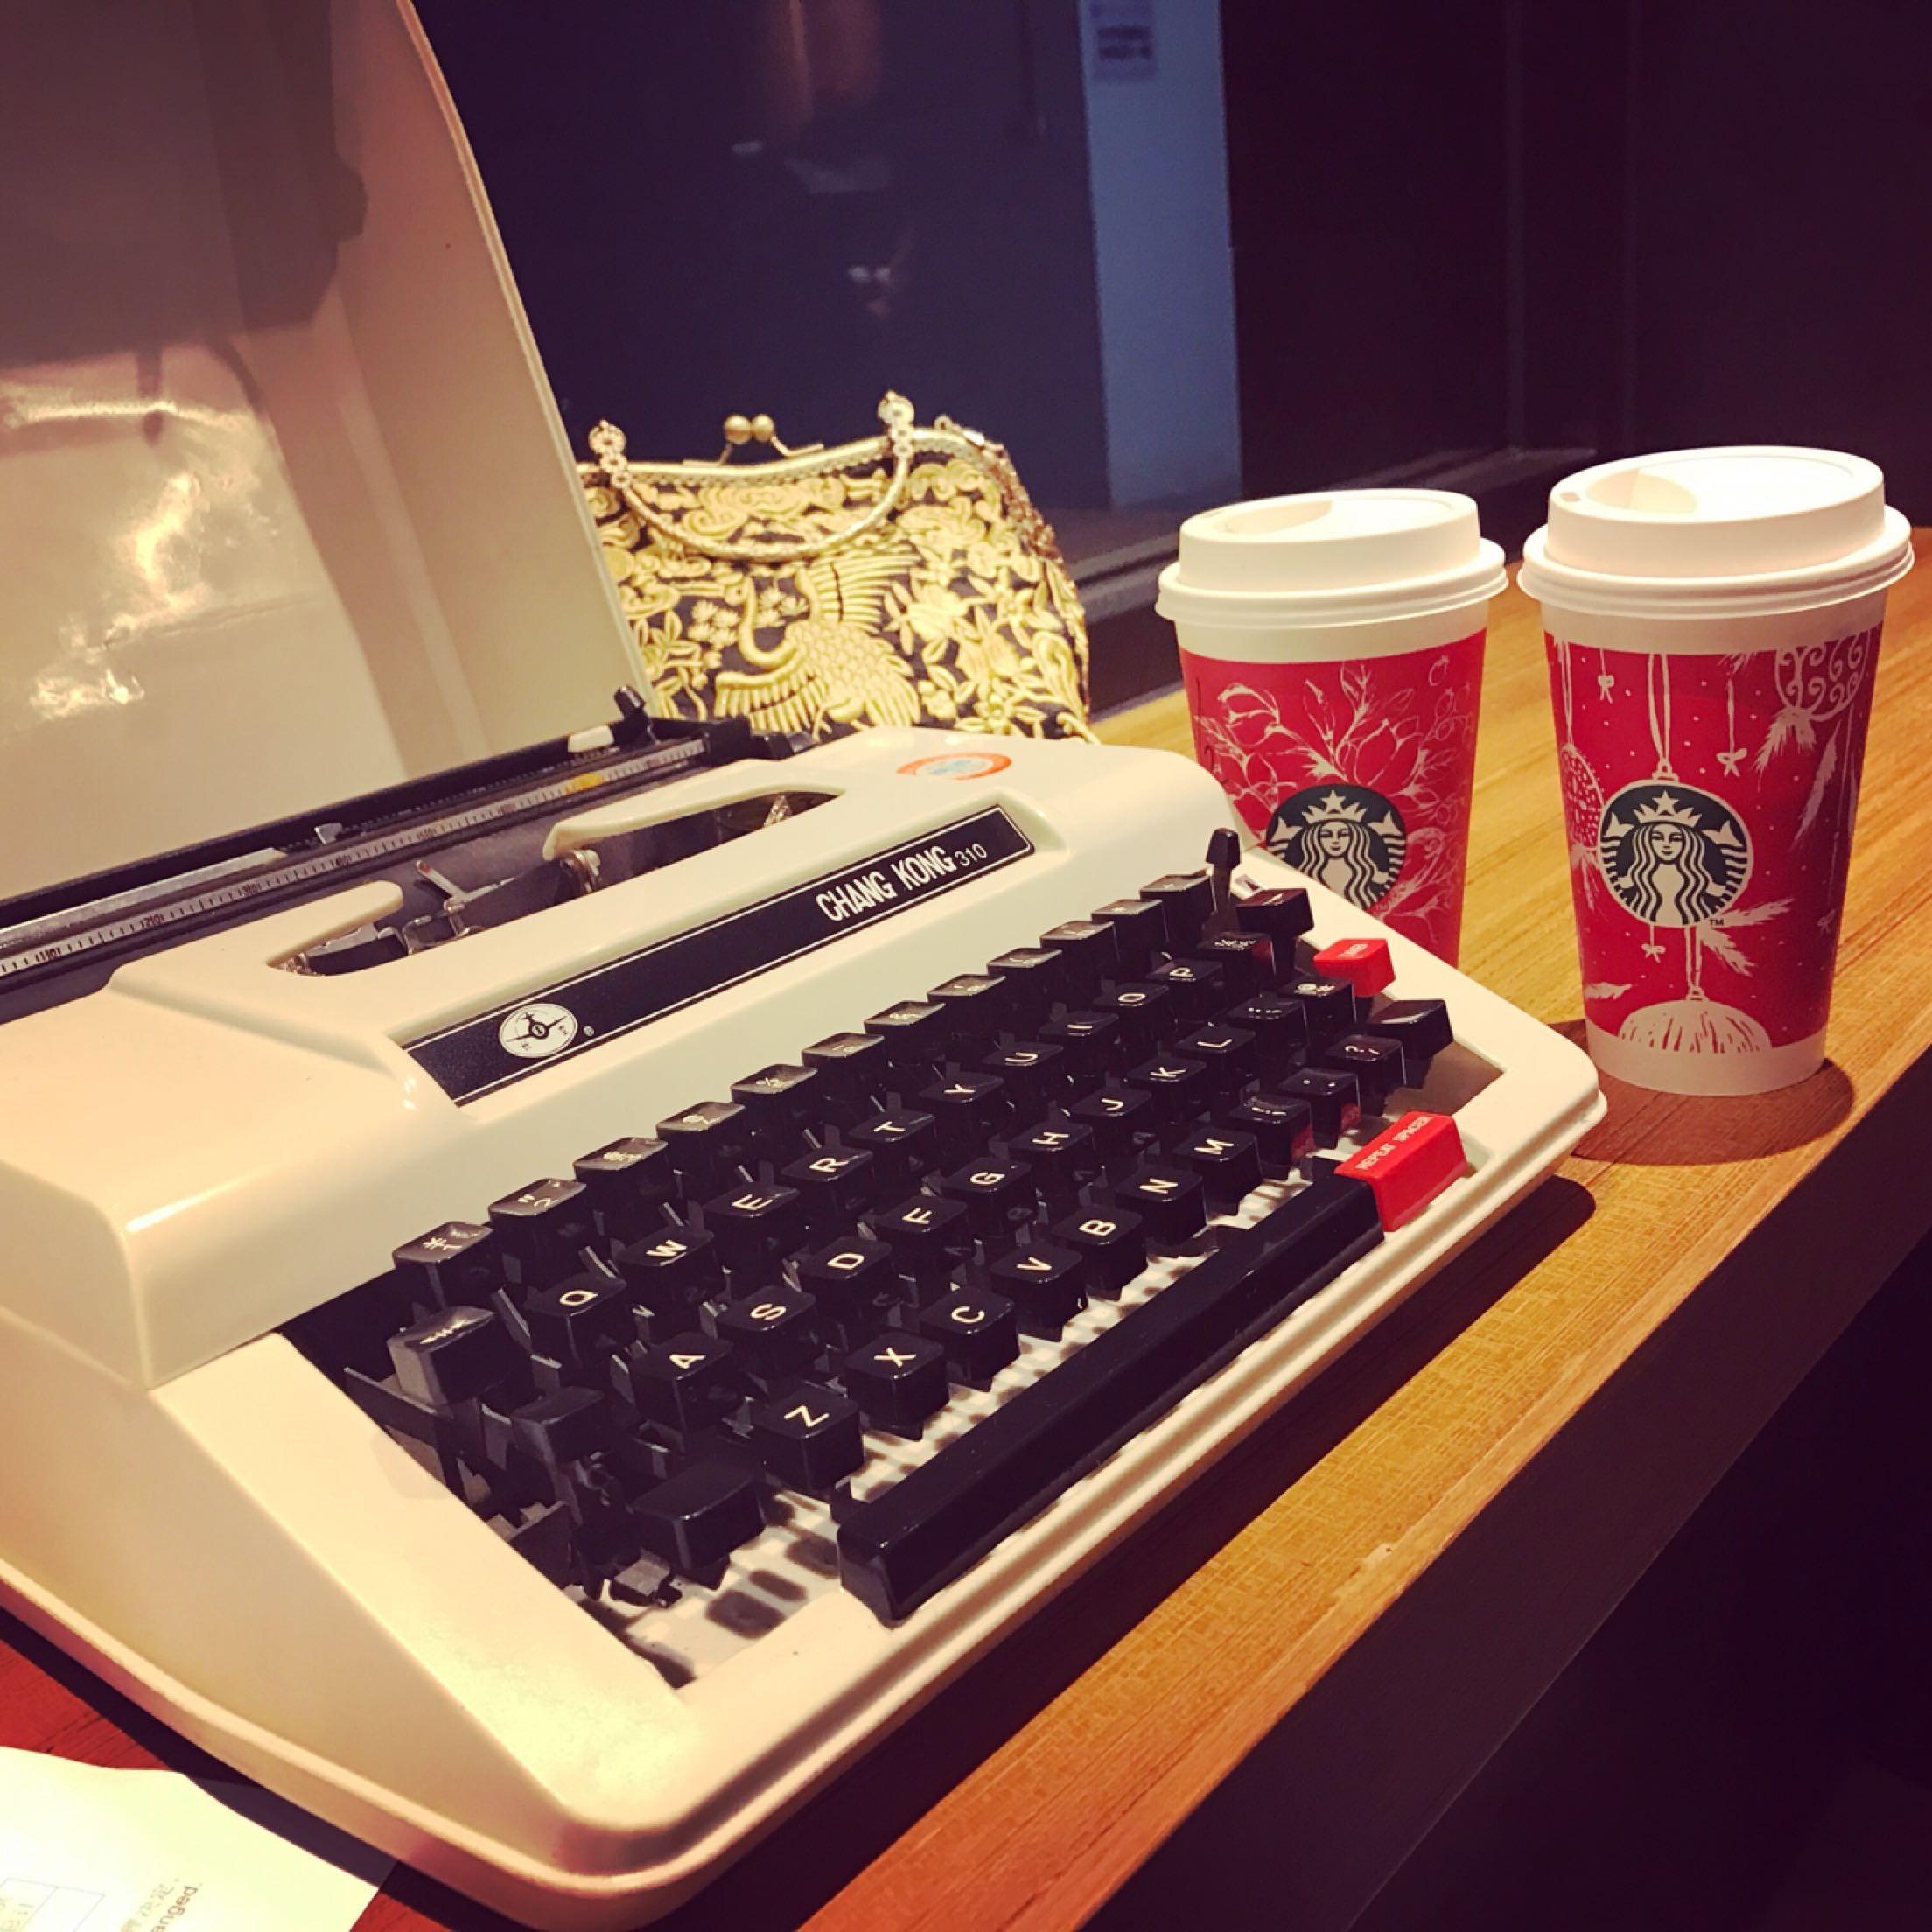 油印可正常使用影视打字机老式复古可打印可打字老式机械外文西洋